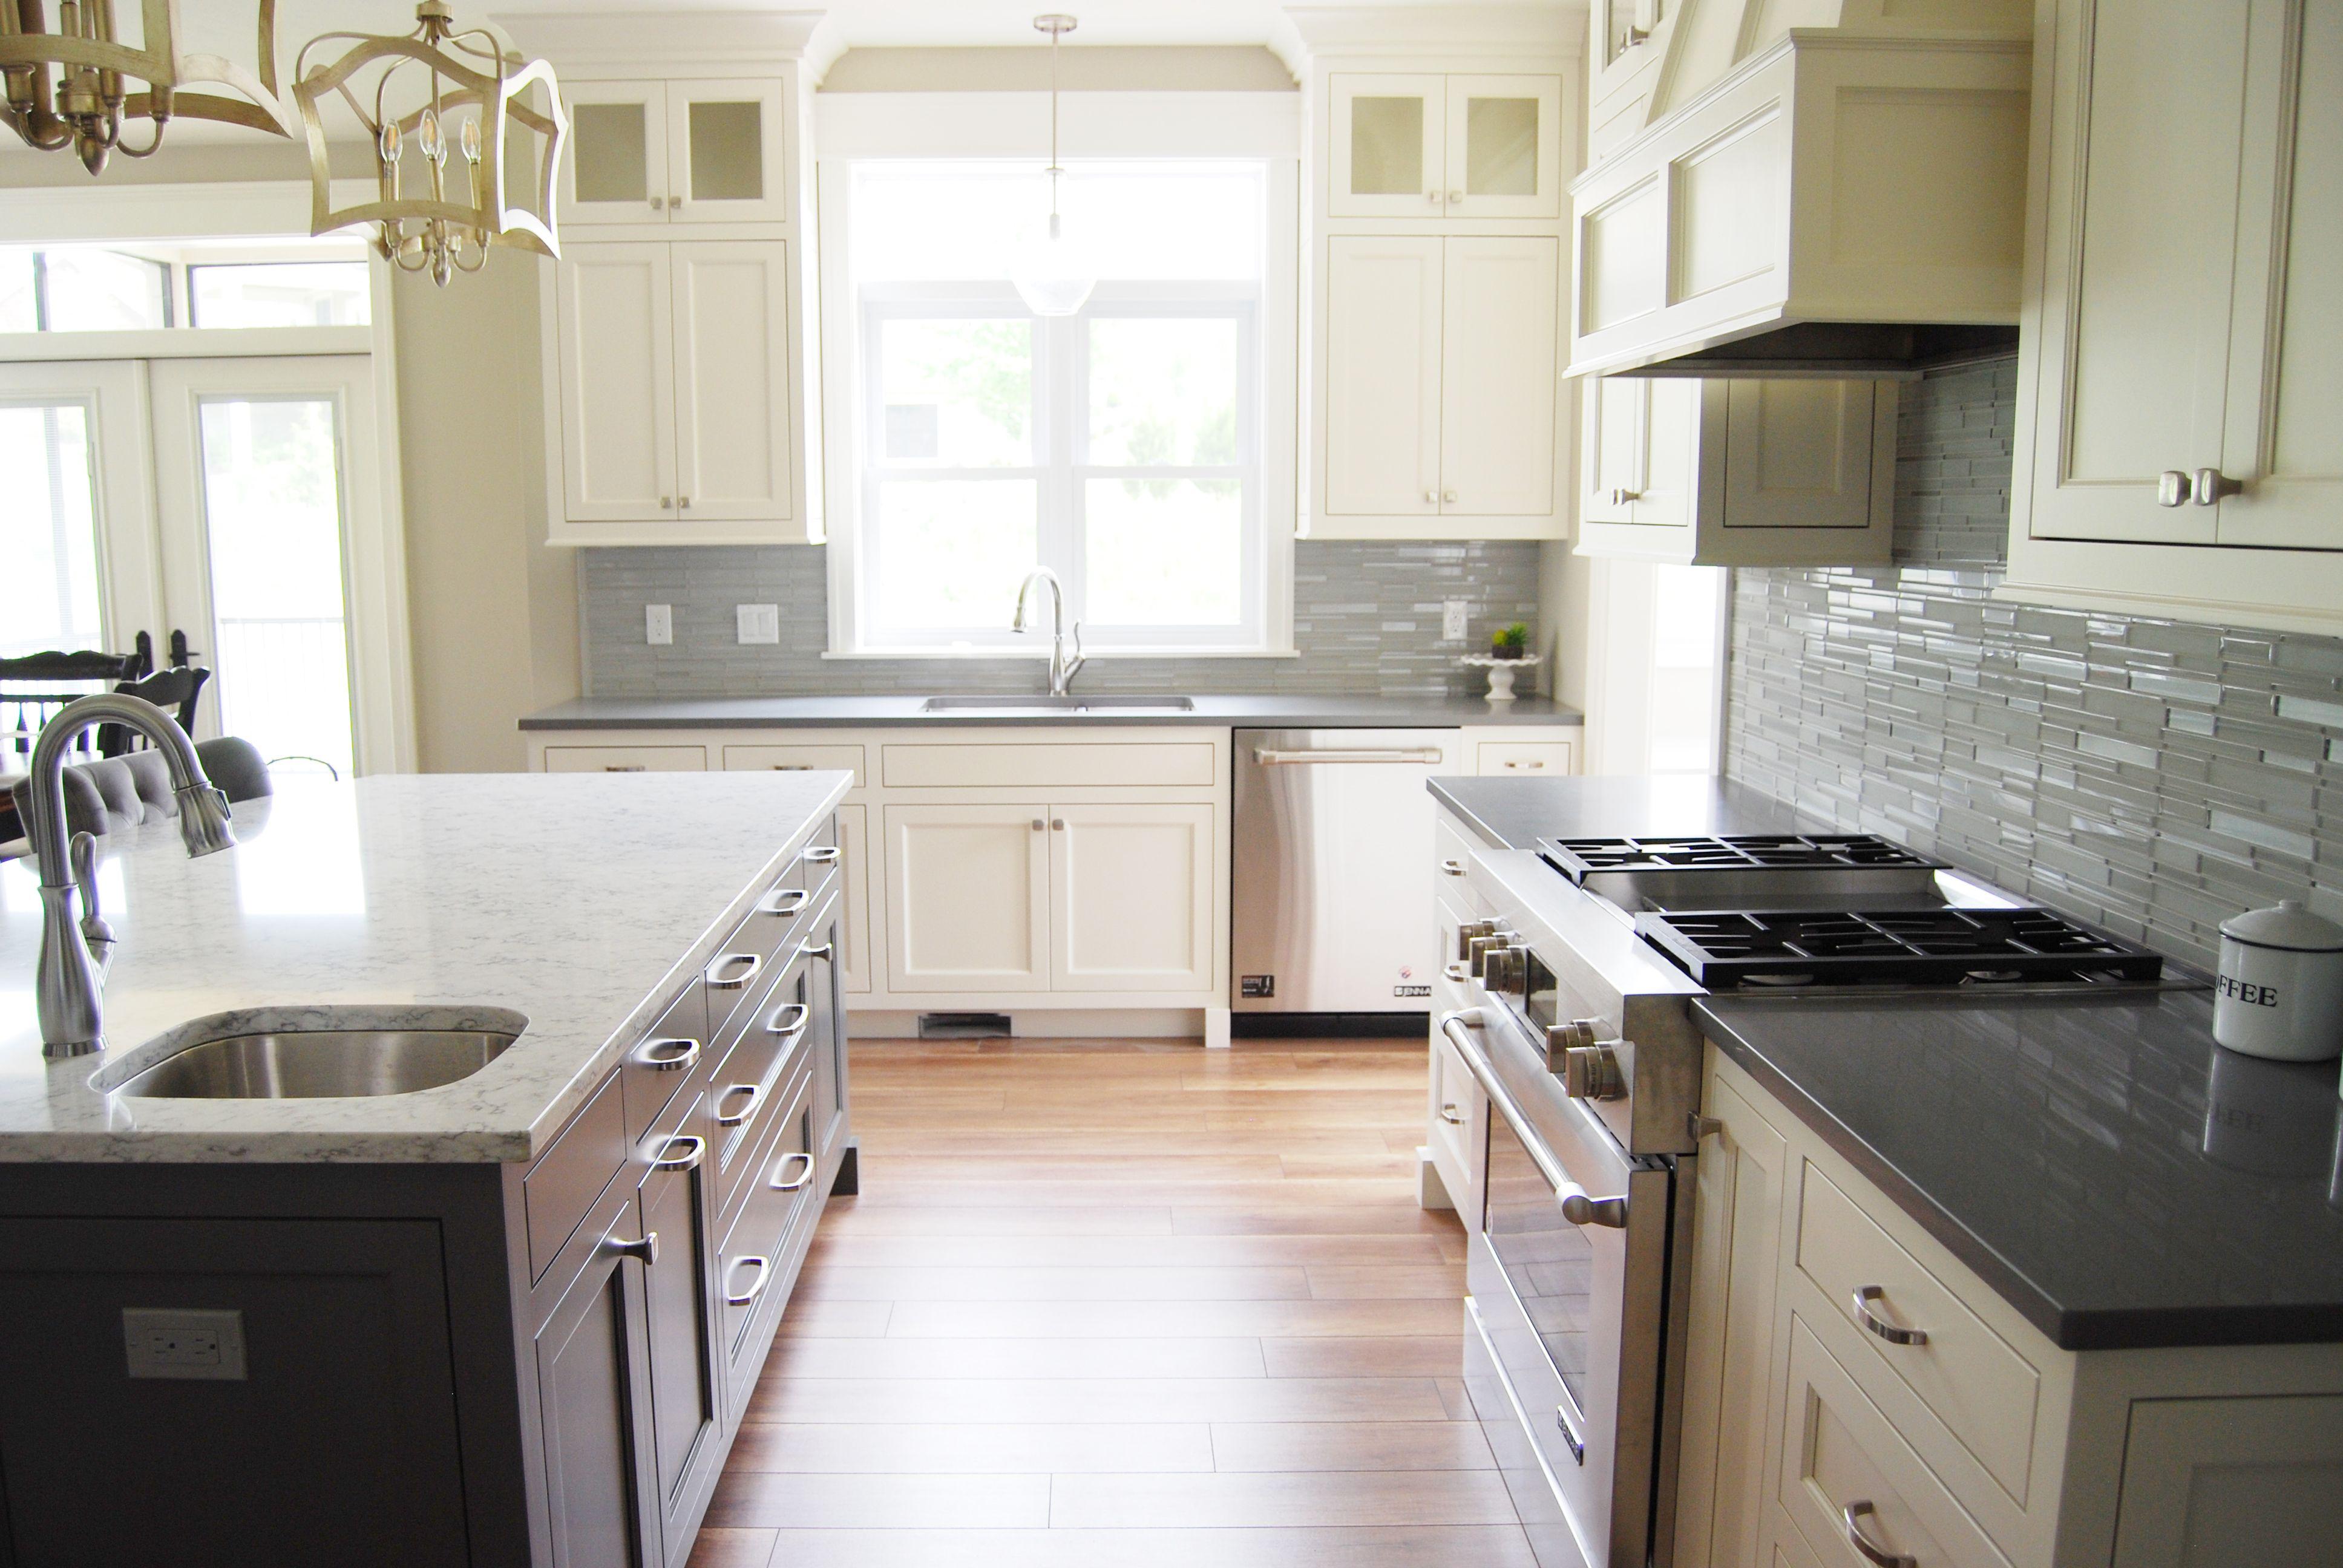 LG Minuet and ColorQuartz Concrete Gray   PGS Kitchens   Pinterest ...